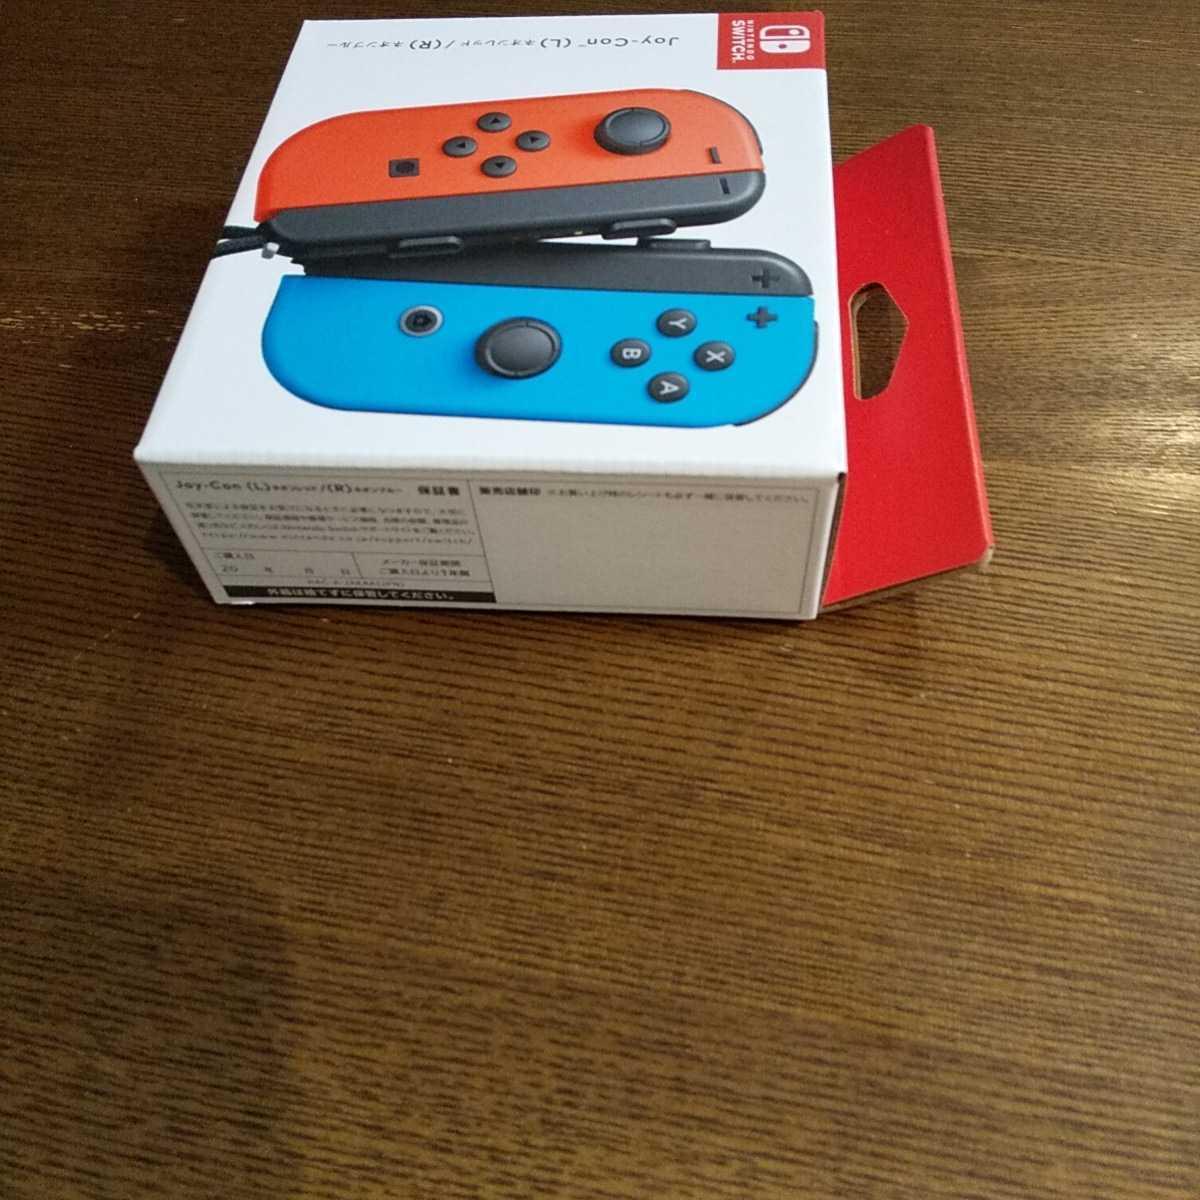 新品未開封 Nintendo Switch Joy-Con ネオンレッド/ネオンブルー ニンテンドースイッチ ジョイコン 任天堂